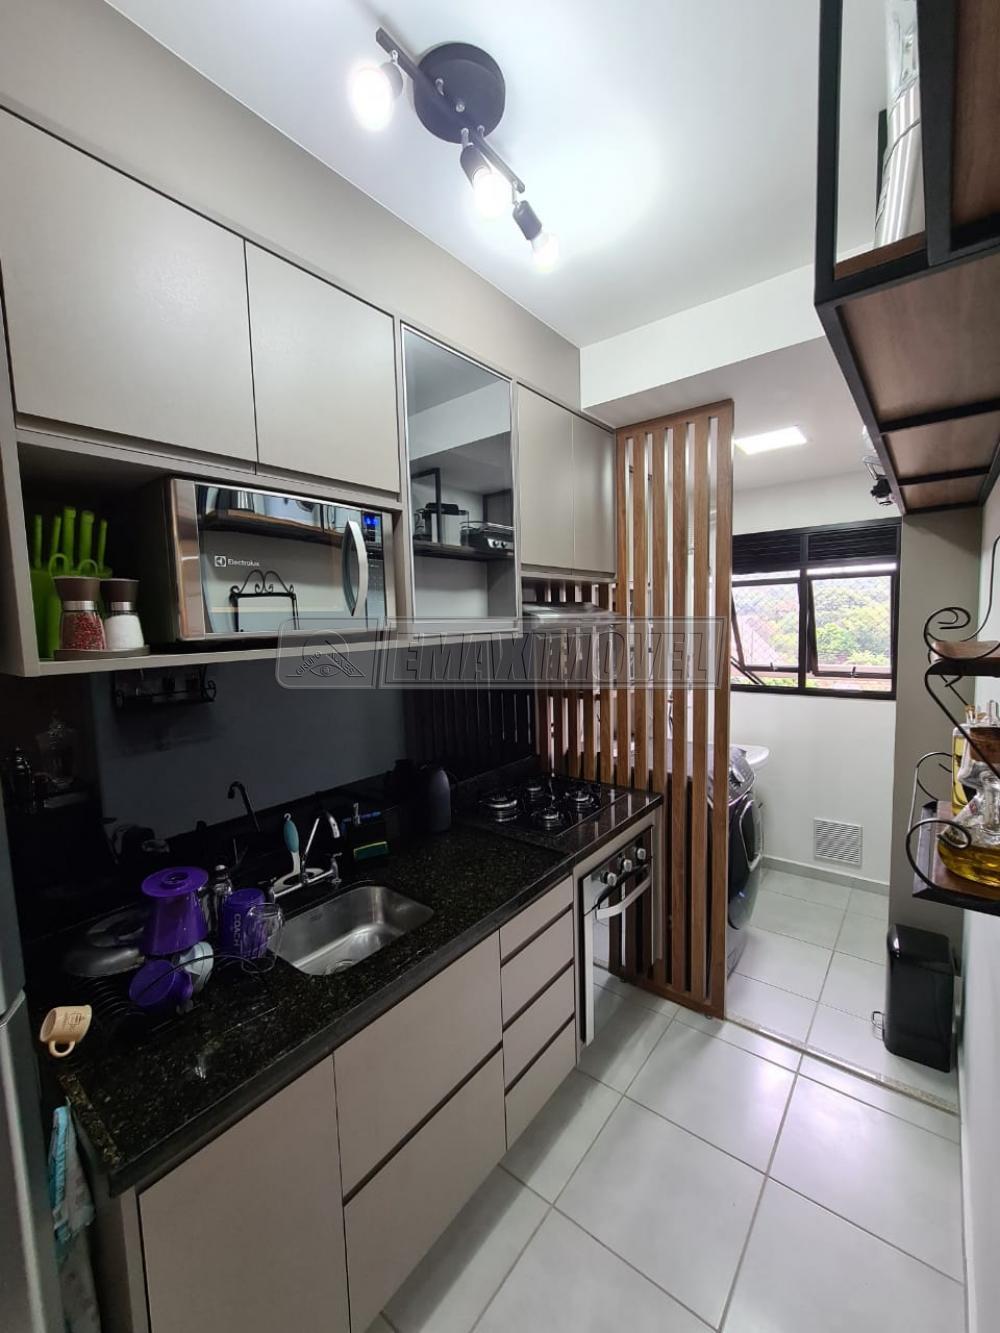 Comprar Apartamentos / Apto Padrão em Sorocaba R$ 350.000,00 - Foto 23